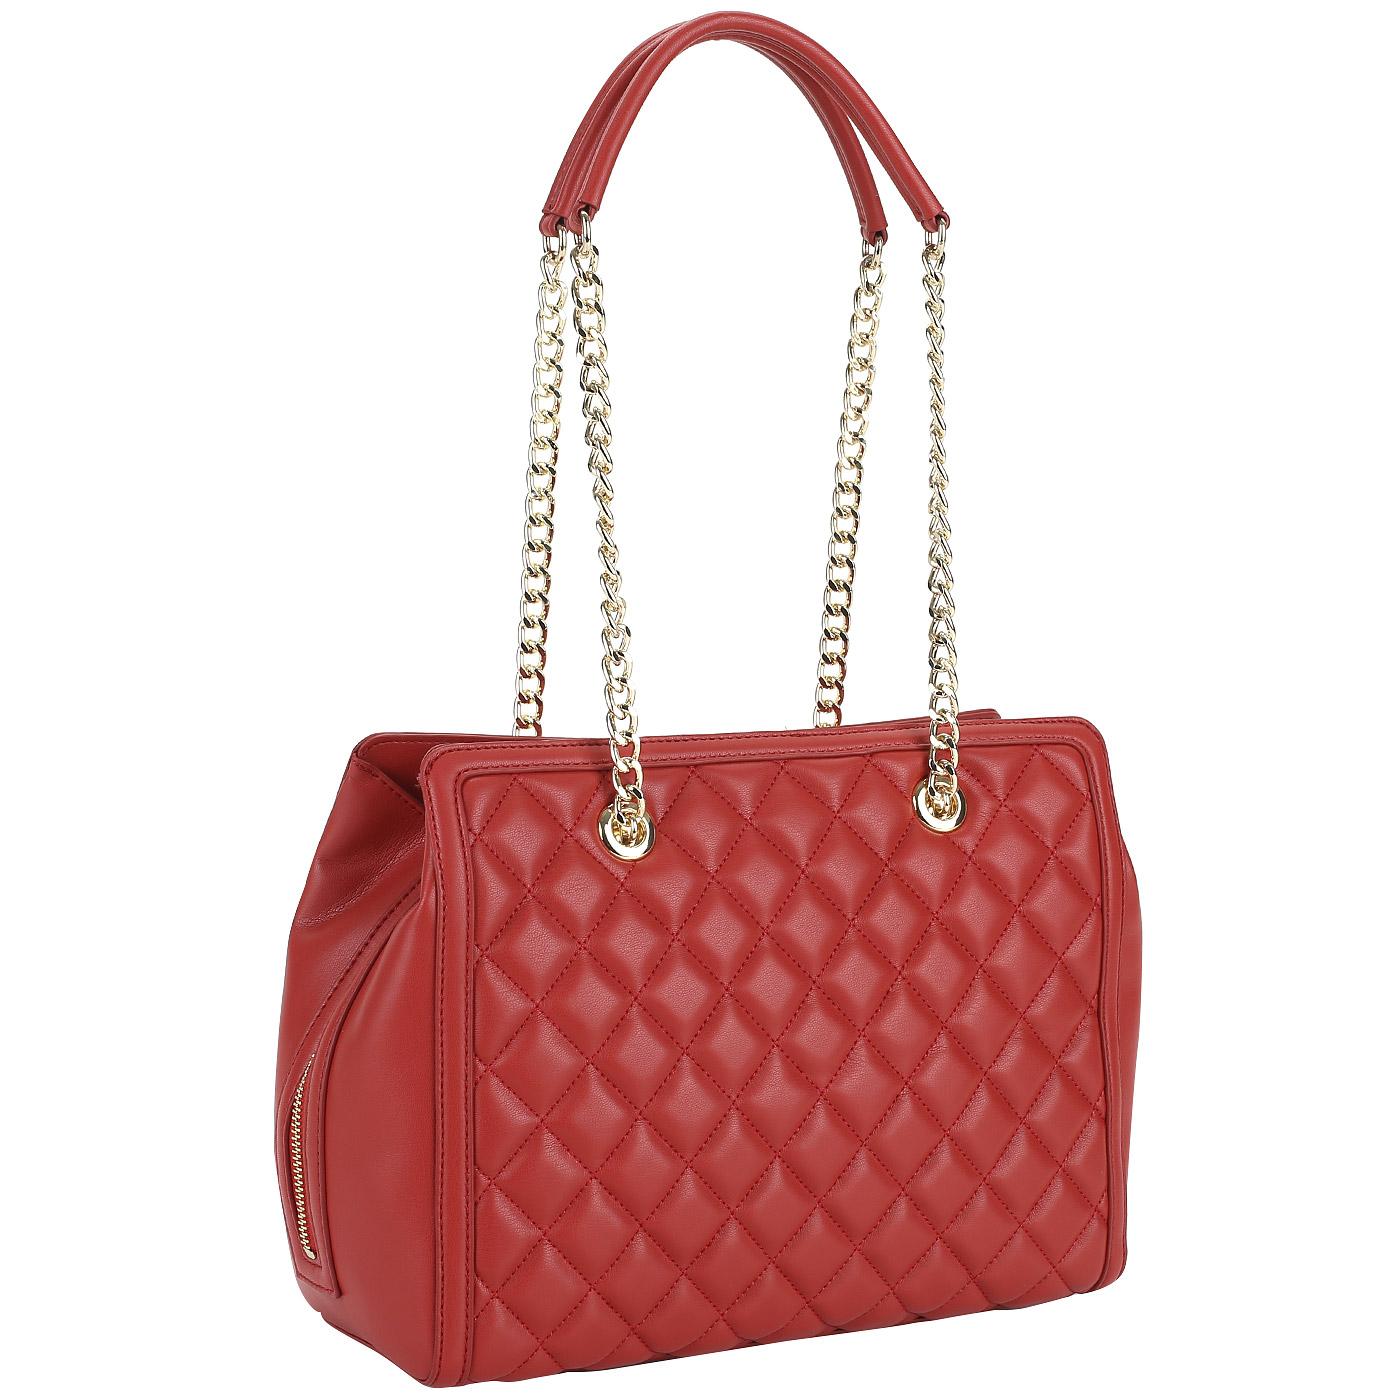 4733f5014547 Прочие модные аксессуары Moschino - каталог цен, где купить в ...